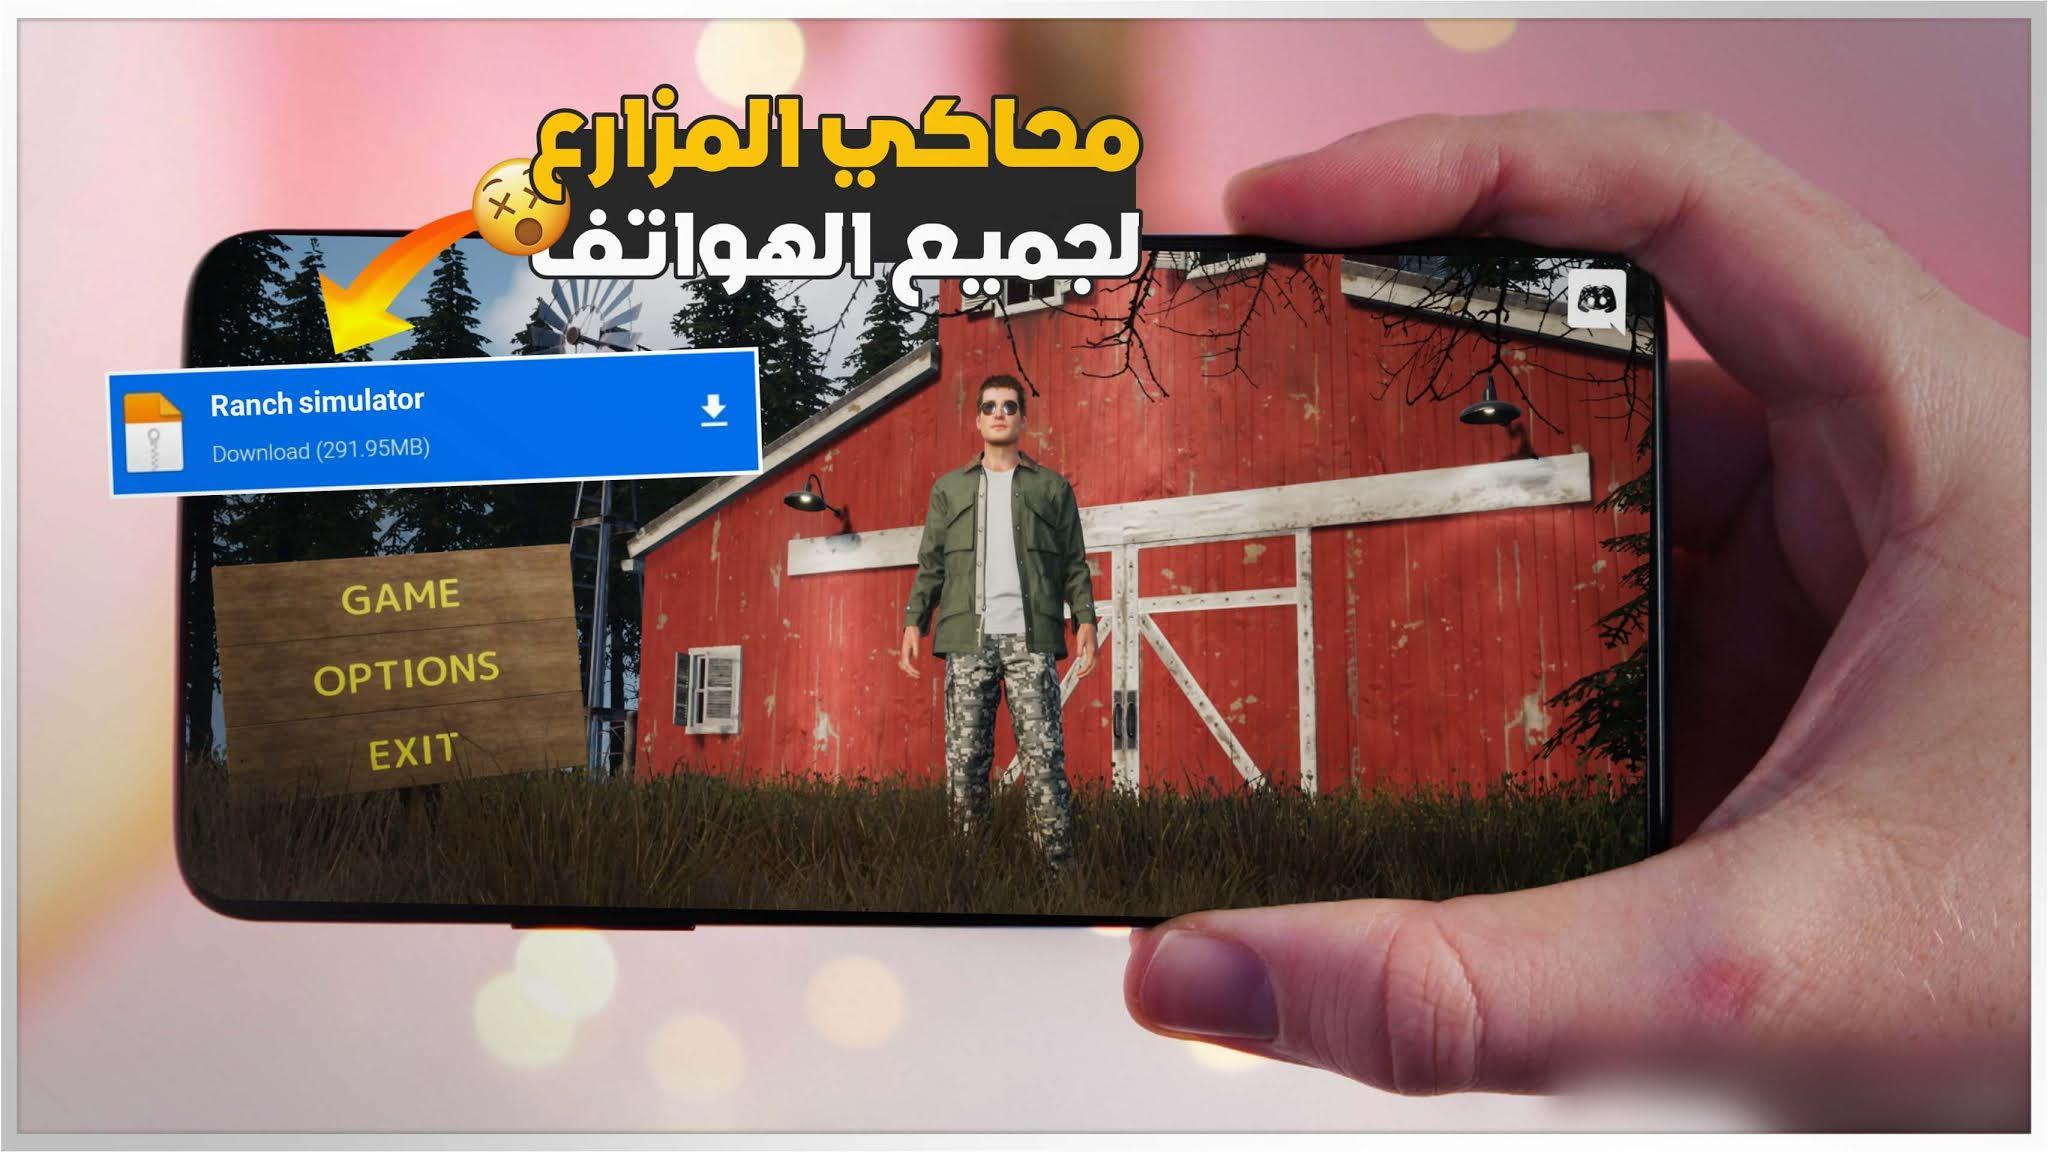 تحميل لعبة محاكي المزارع Ranch Simulator APK للاندرويد برابط مباشر من ميديافاير